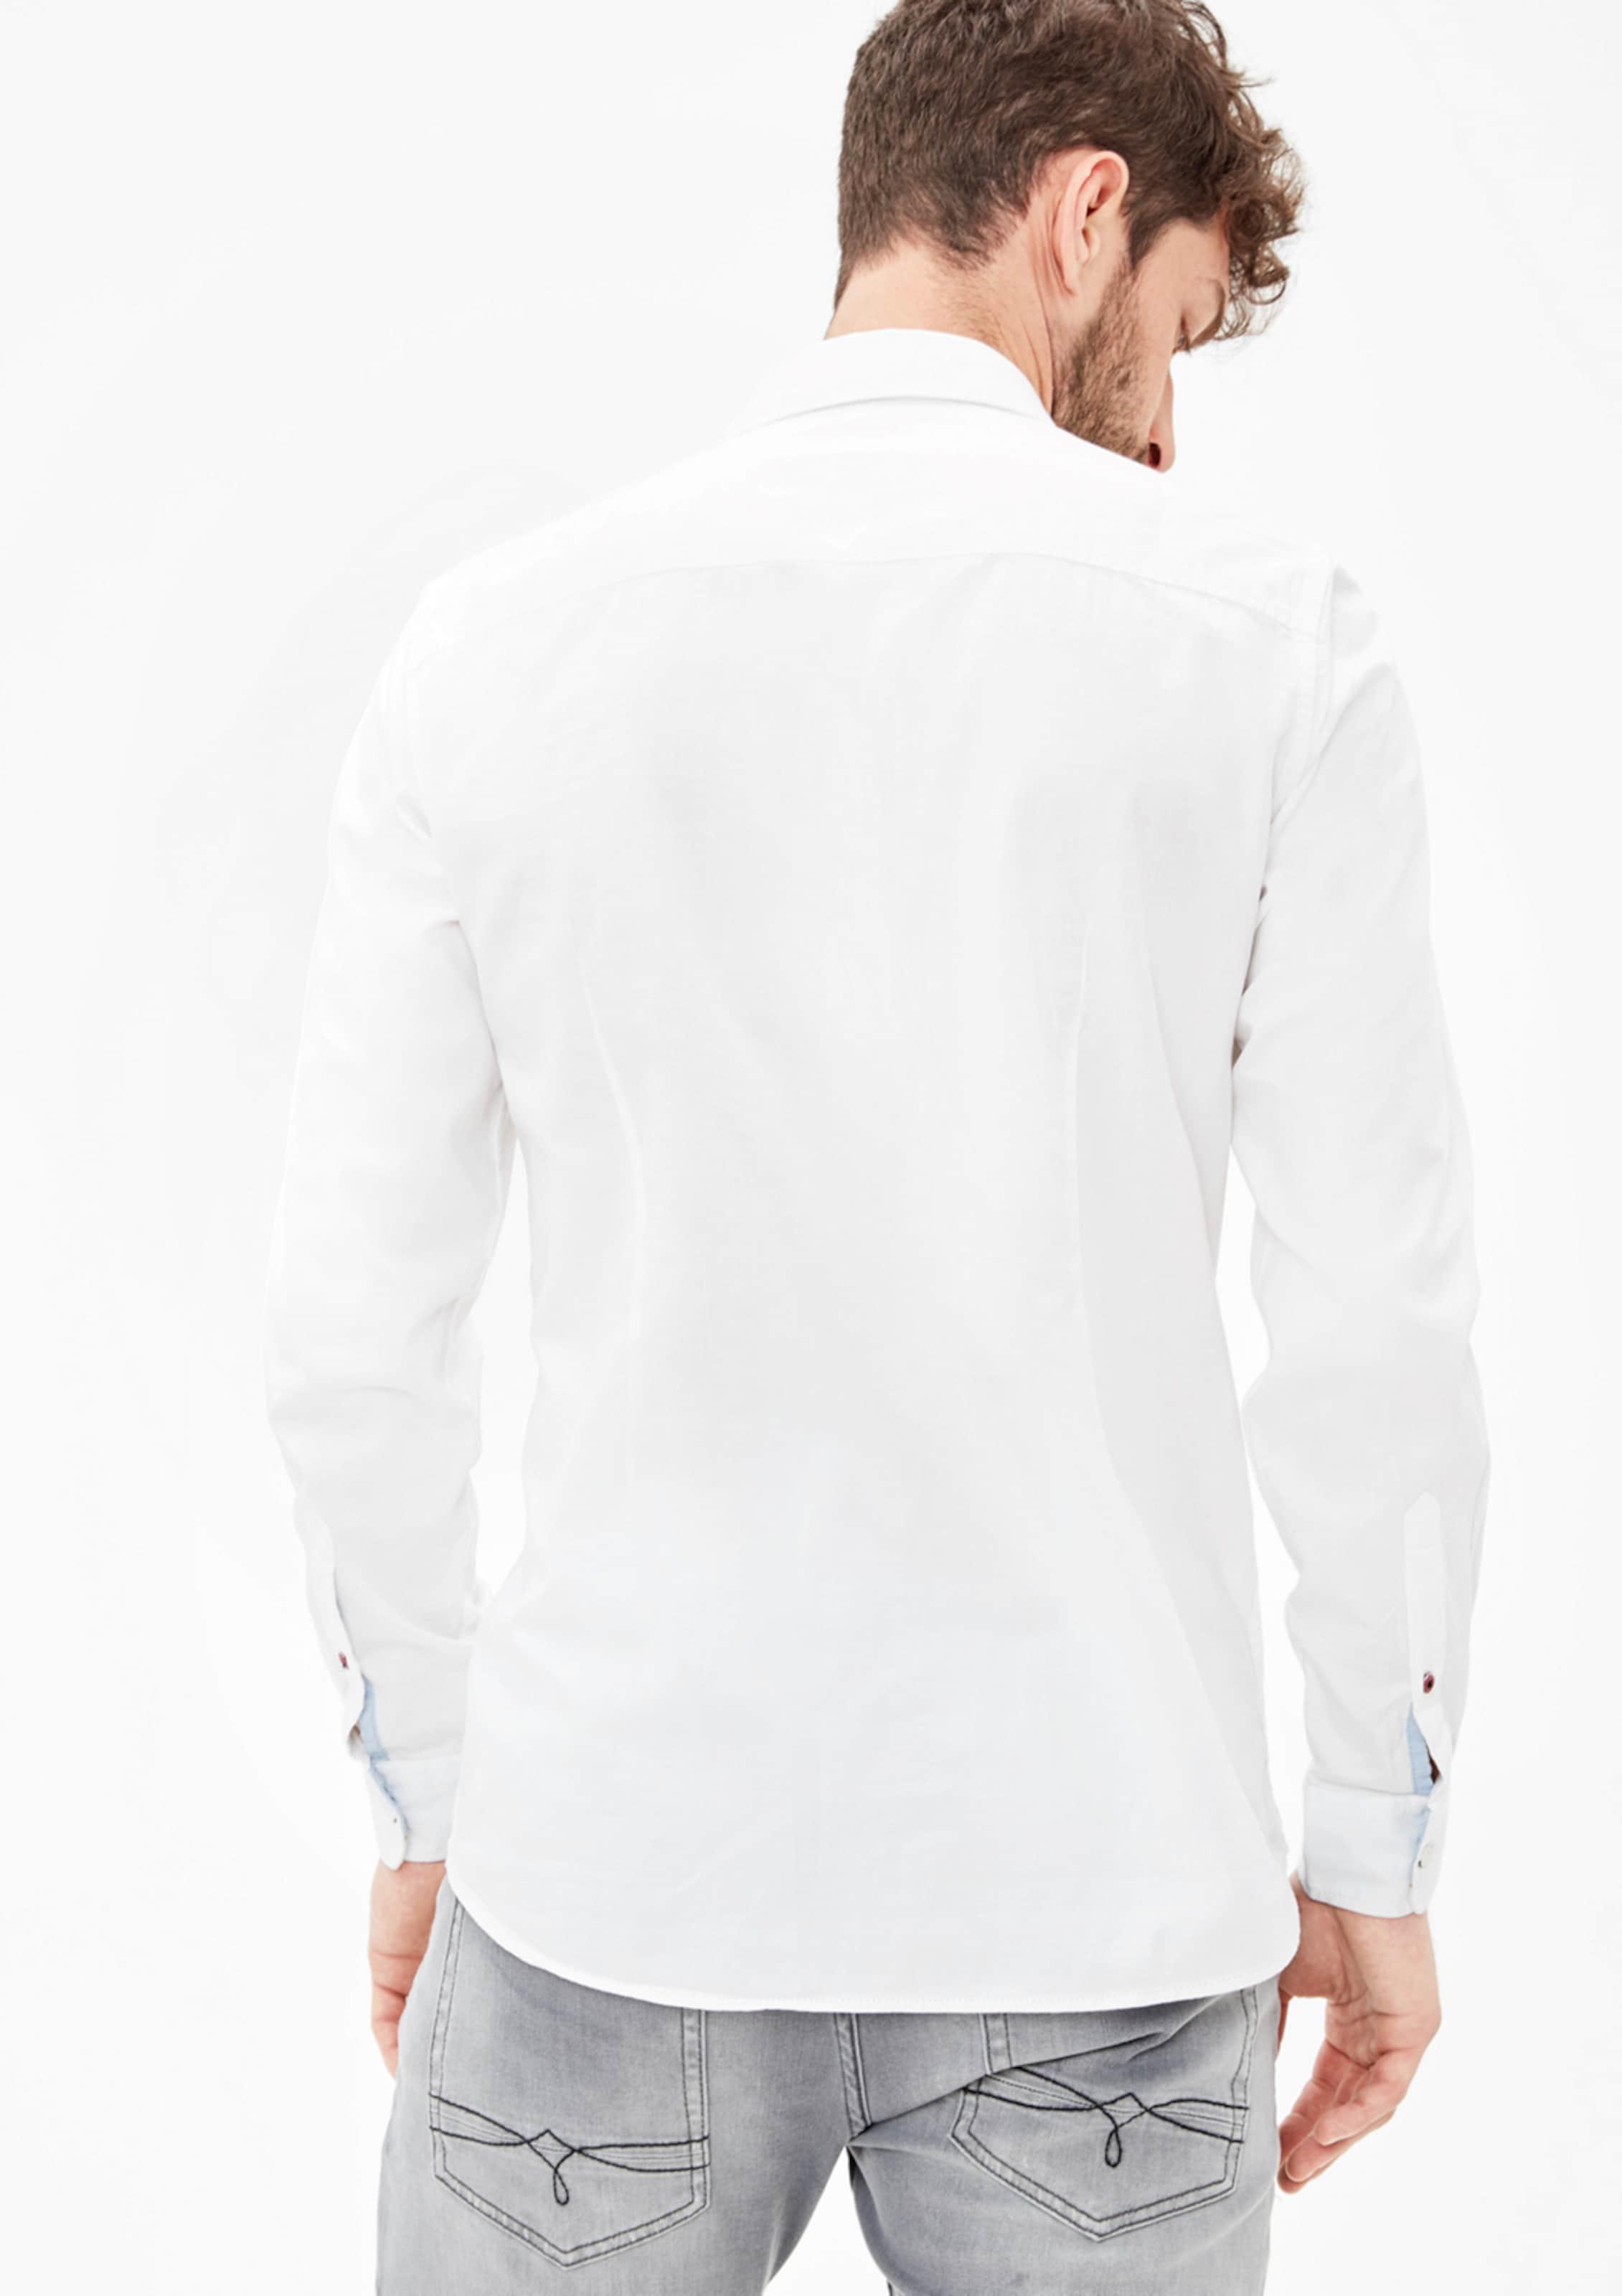 s.Oliver RED LABEL Slim: Hemd aus leichtem Twill Billig Großhandelspreis Freies Verschiffen Bester Großhandel Freies Verschiffen Heißen Verkauf Zu Verkaufen Offizielle Seite FL9Ehv0dJ